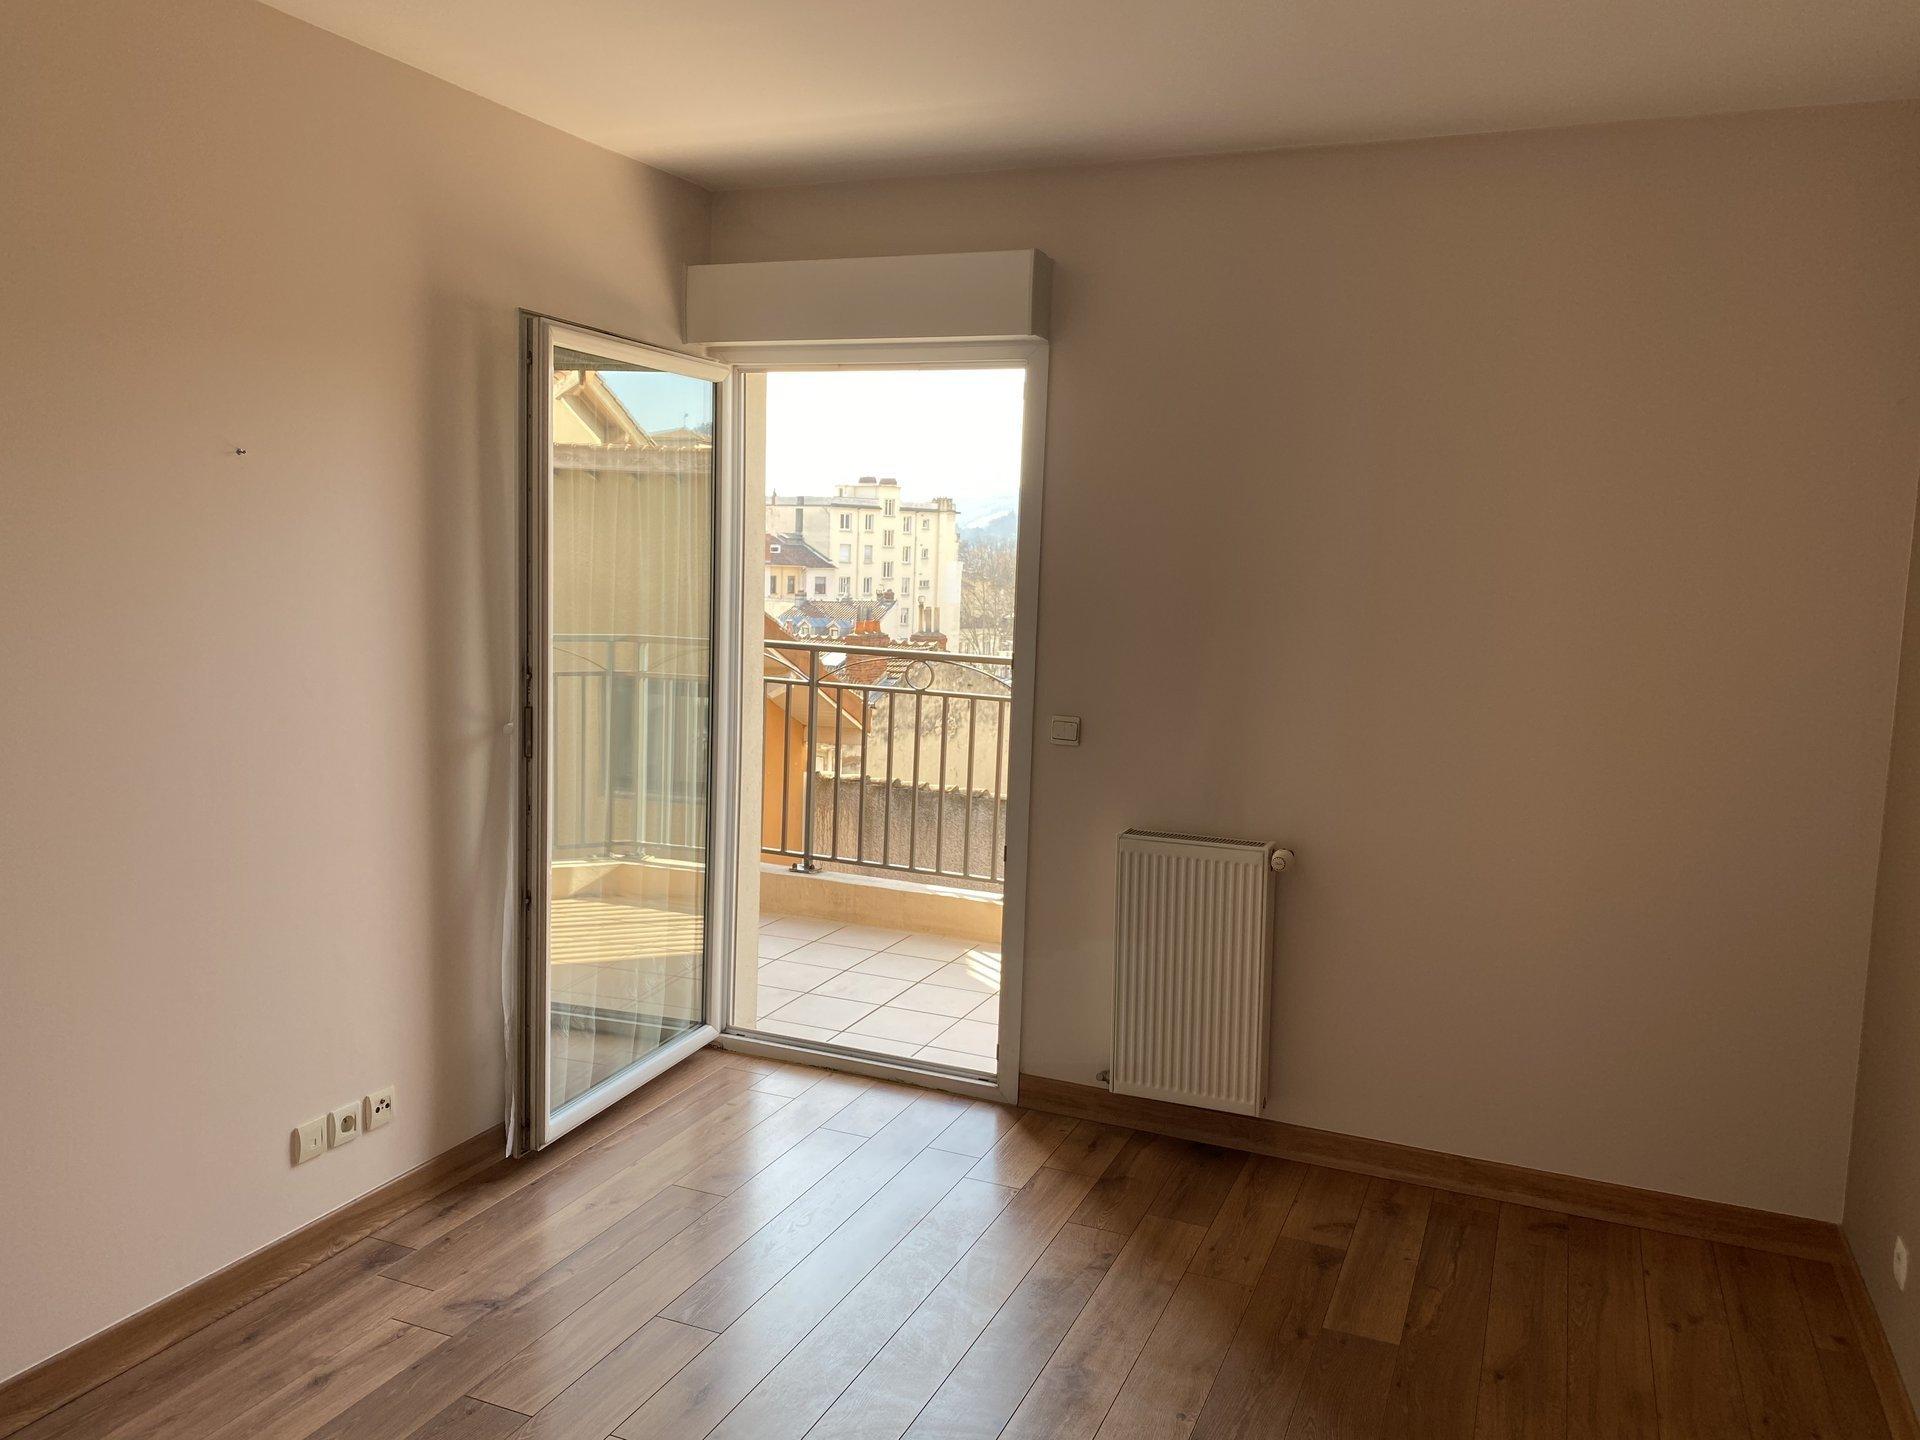 VIENNE centre, Appartement T5 duplex de 119 m² avec terrasses